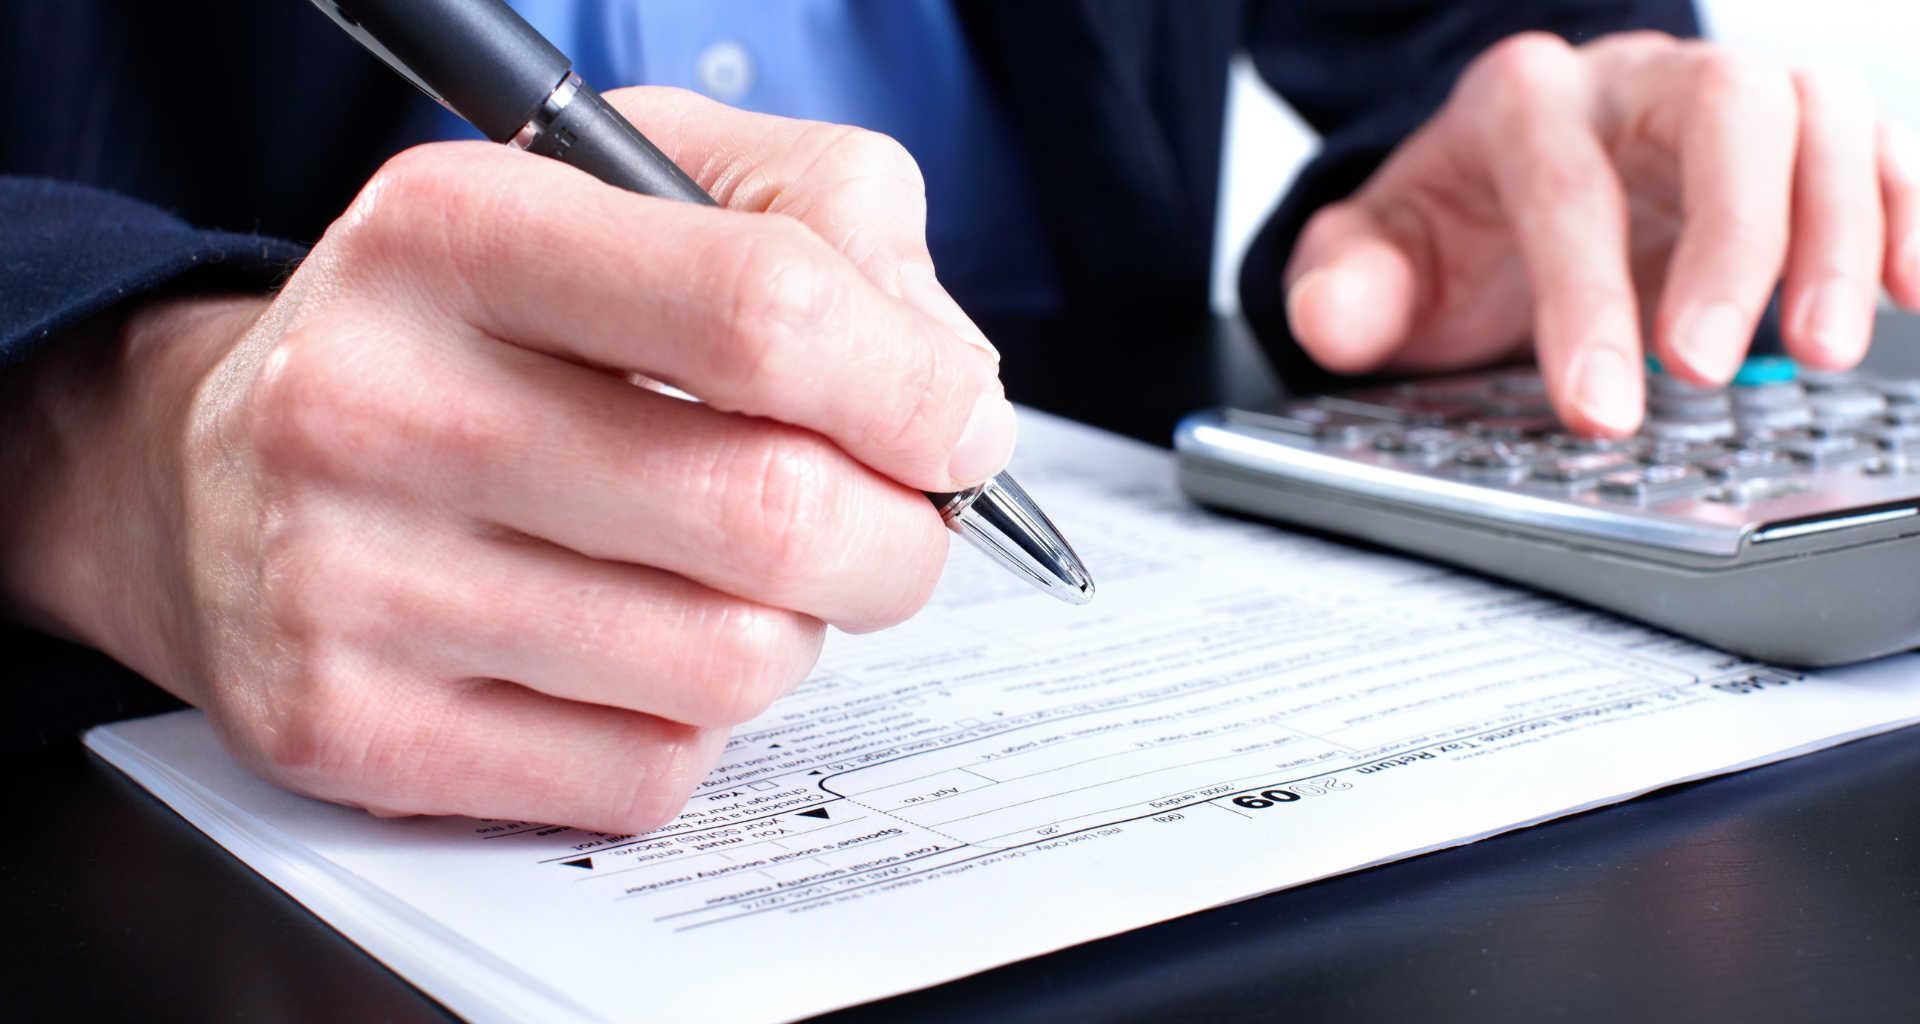 Potrebujete davčno svetovanje? Pomagali vam bomo najti pravega davčnega svetovalca